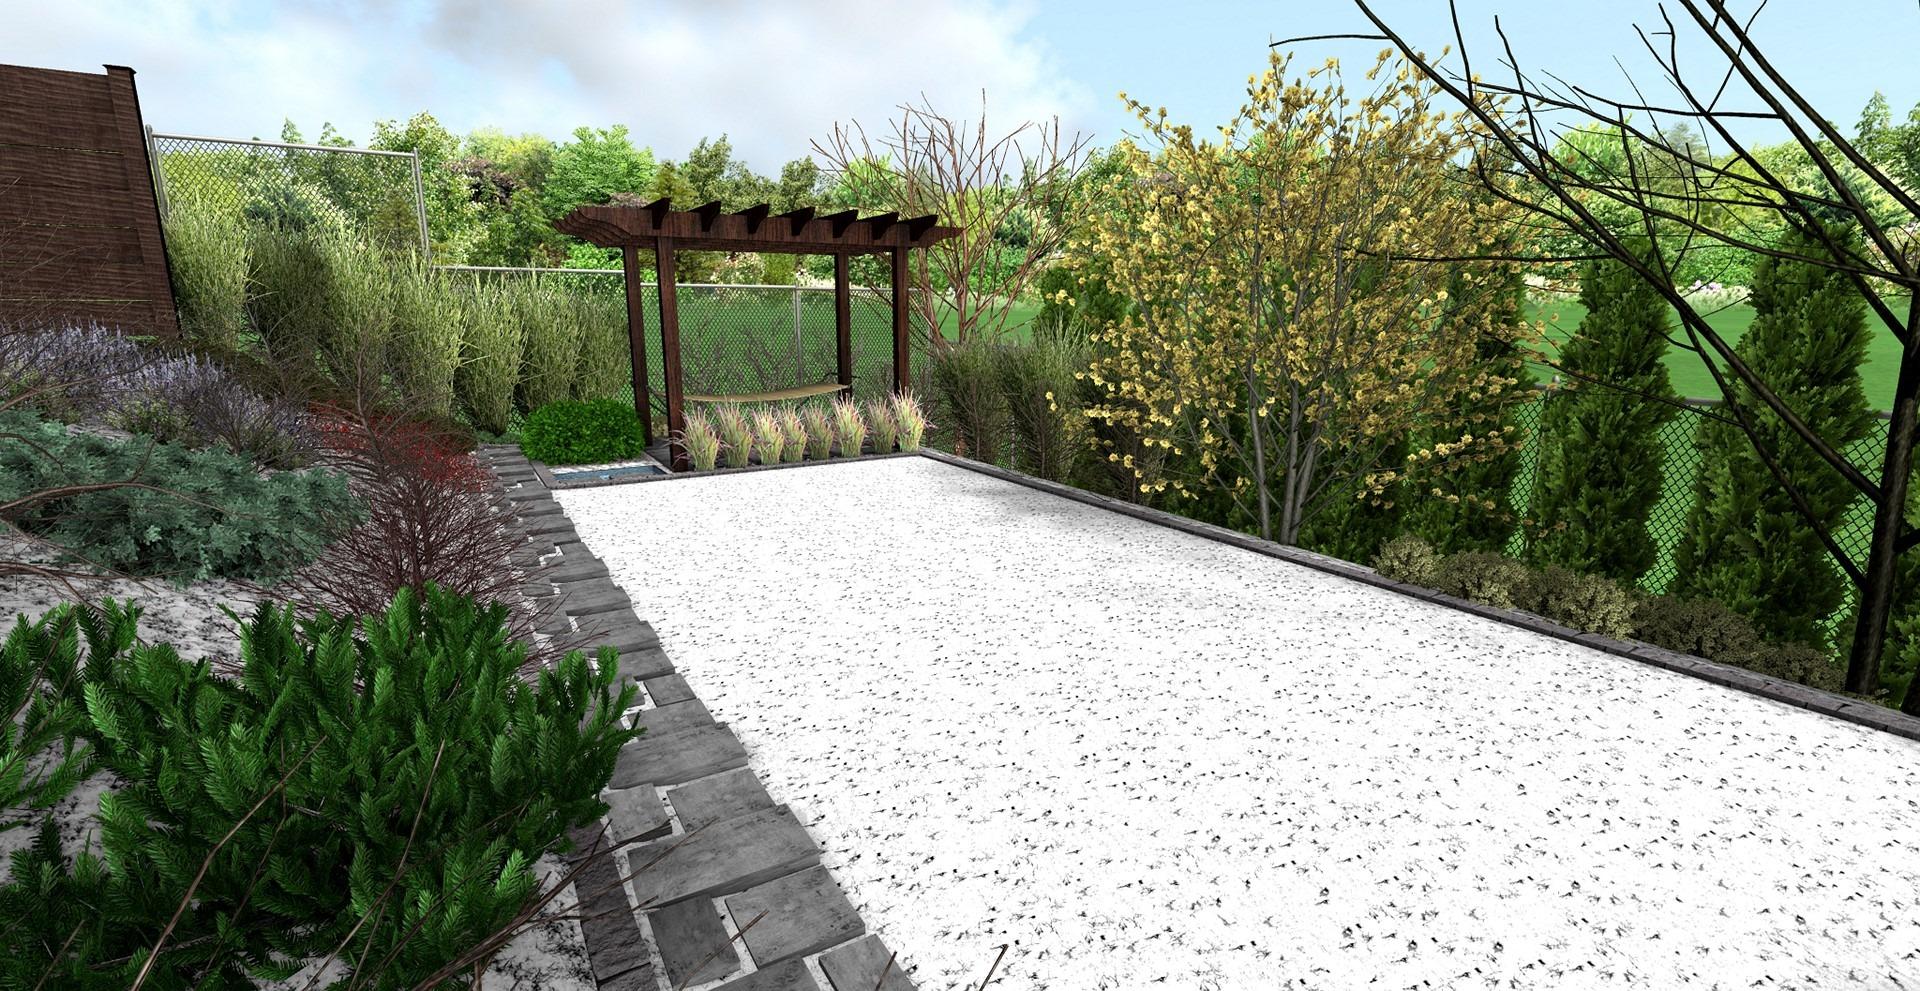 Mietniow-ogrody-projektowanie-wizaulizacja